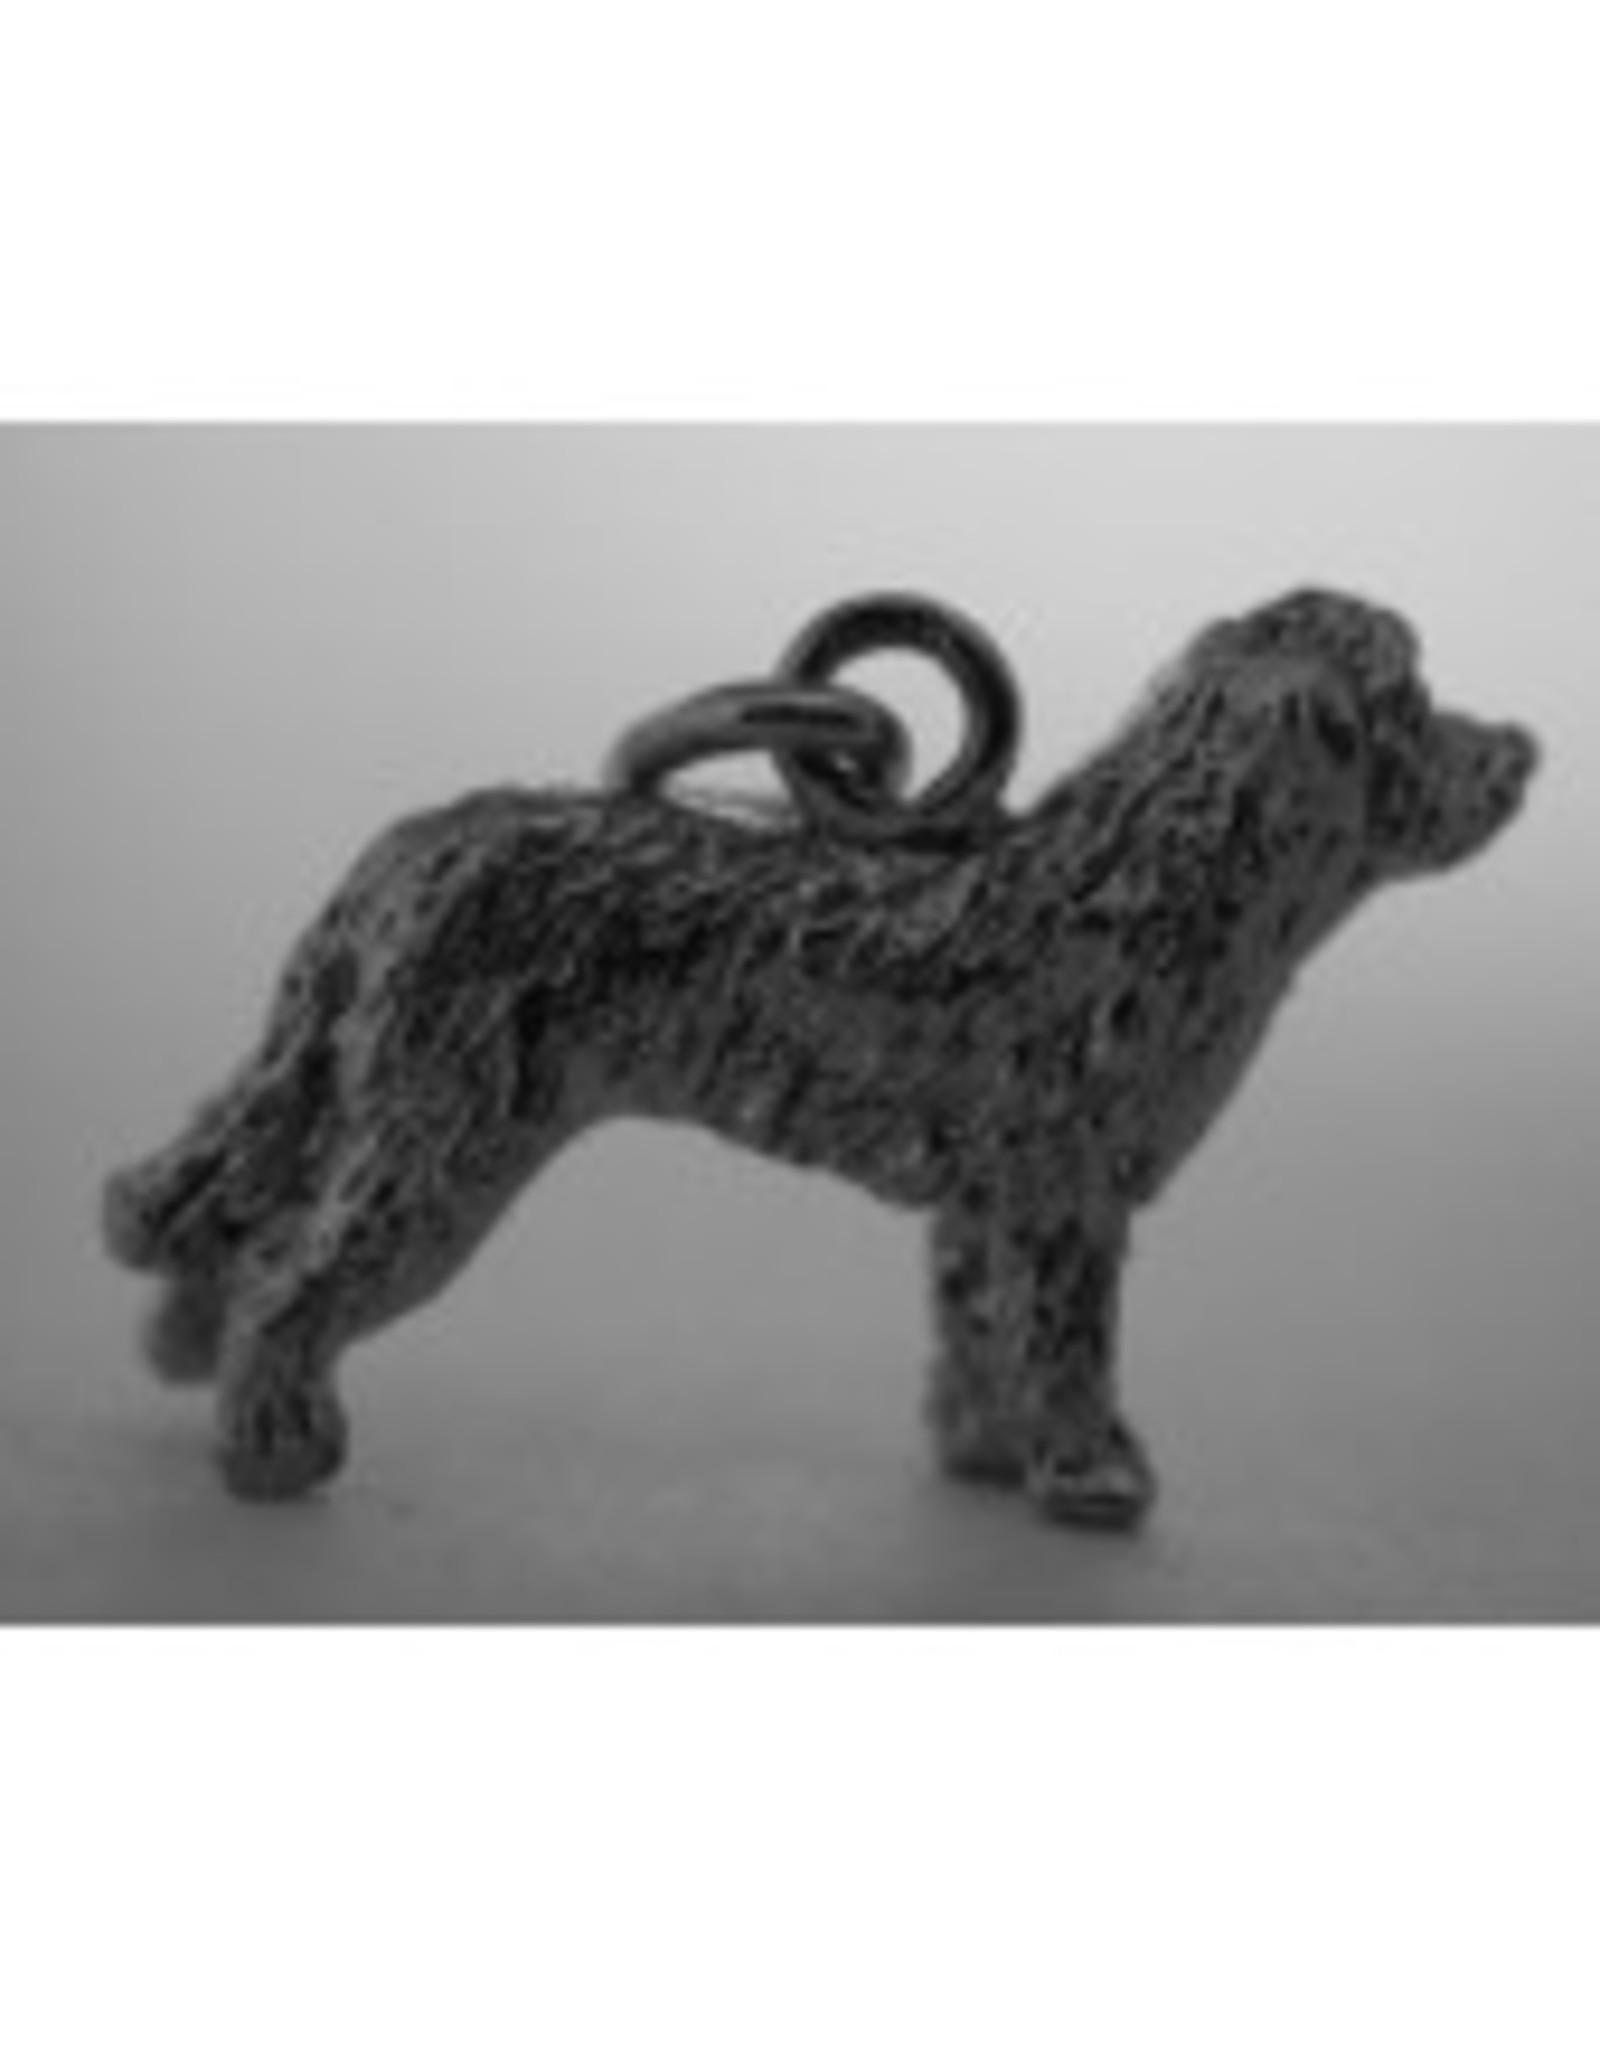 Handmade by Hanneke Weigel Sterling silver Pyrenean shepherd